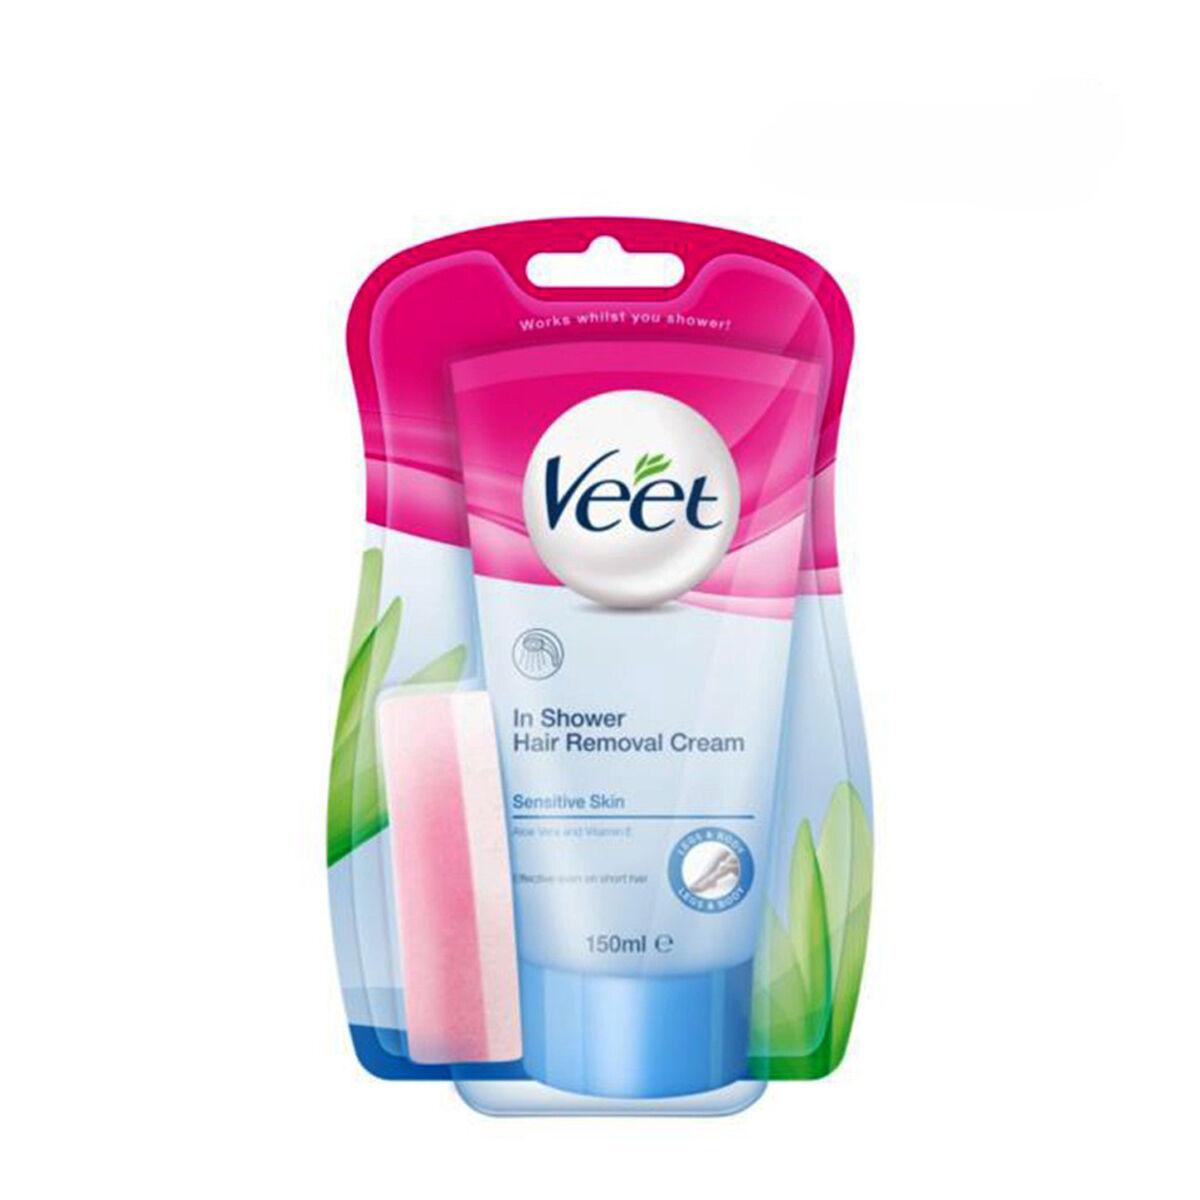 VEET In Shower Hair Removal Cream + Sponge for Sensitive